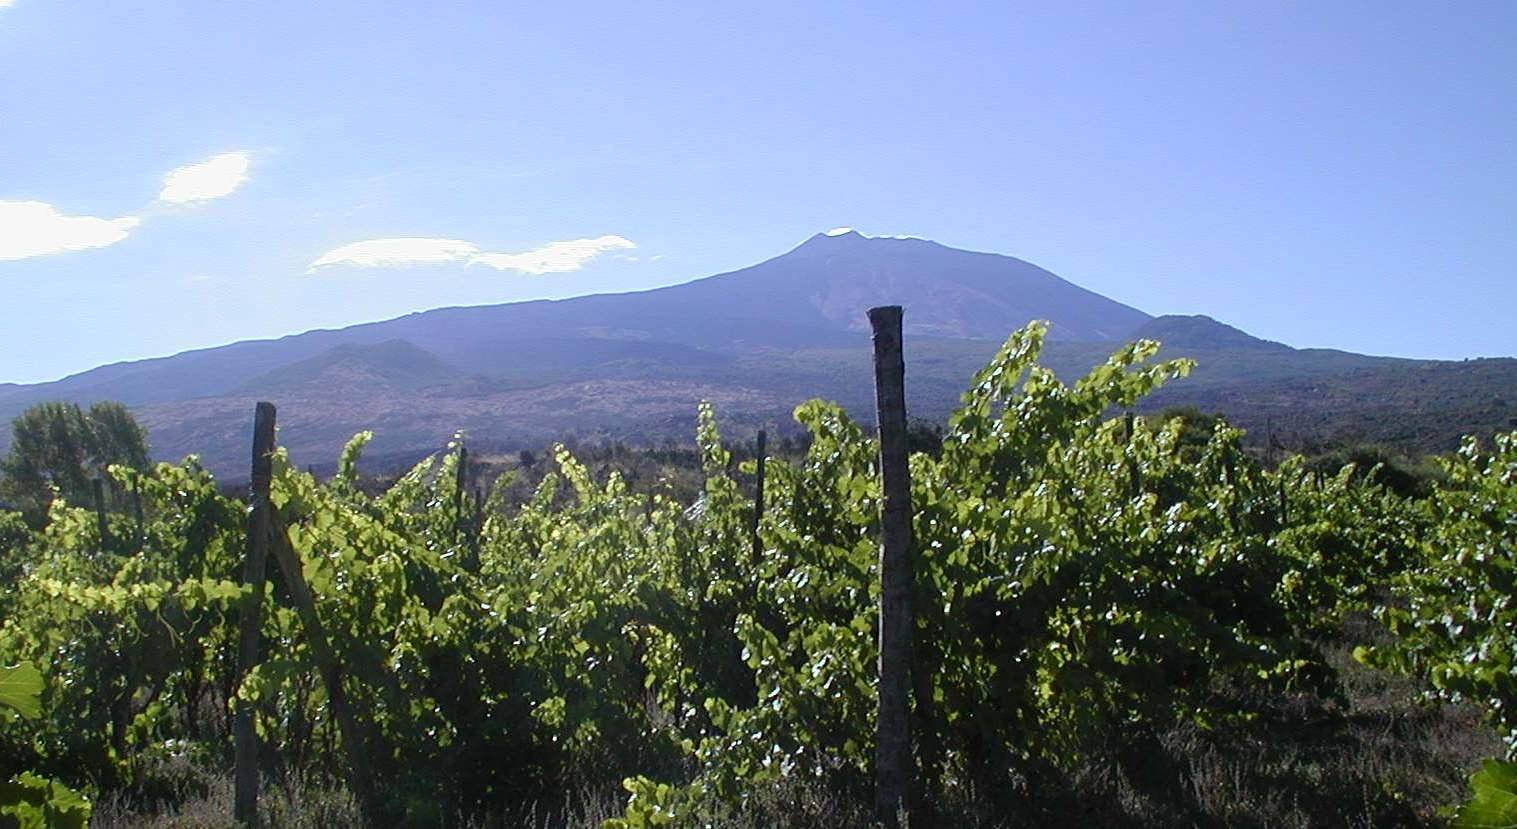 impianti di vite nerello mascalese sull'Etna